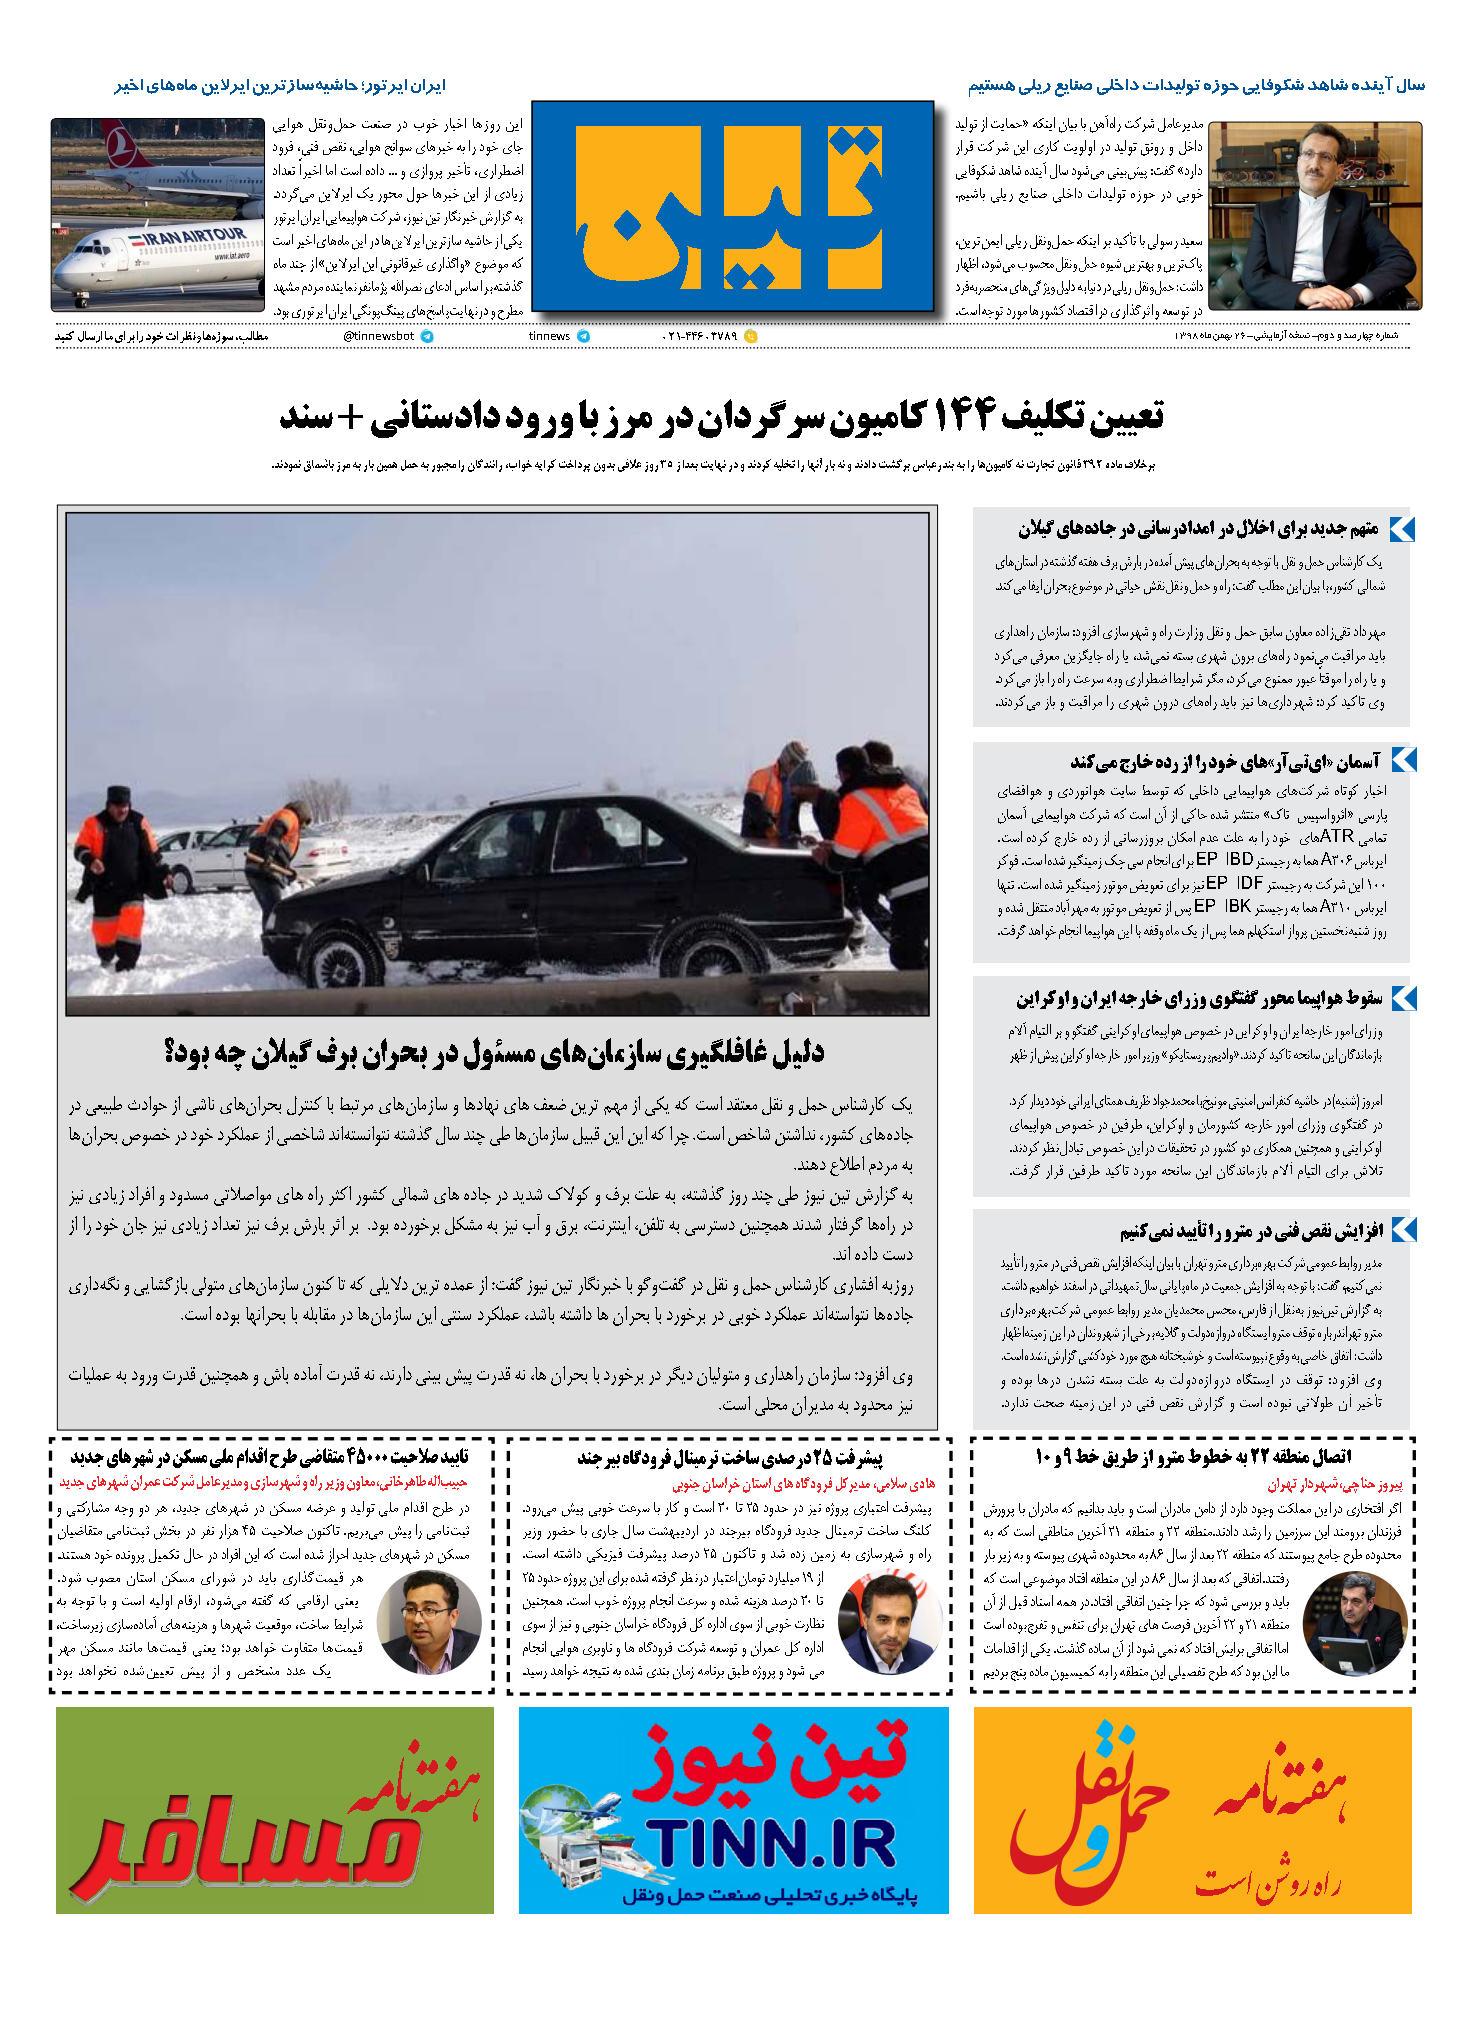 روزنامه الکترونیک 26 بهمن ماه 98